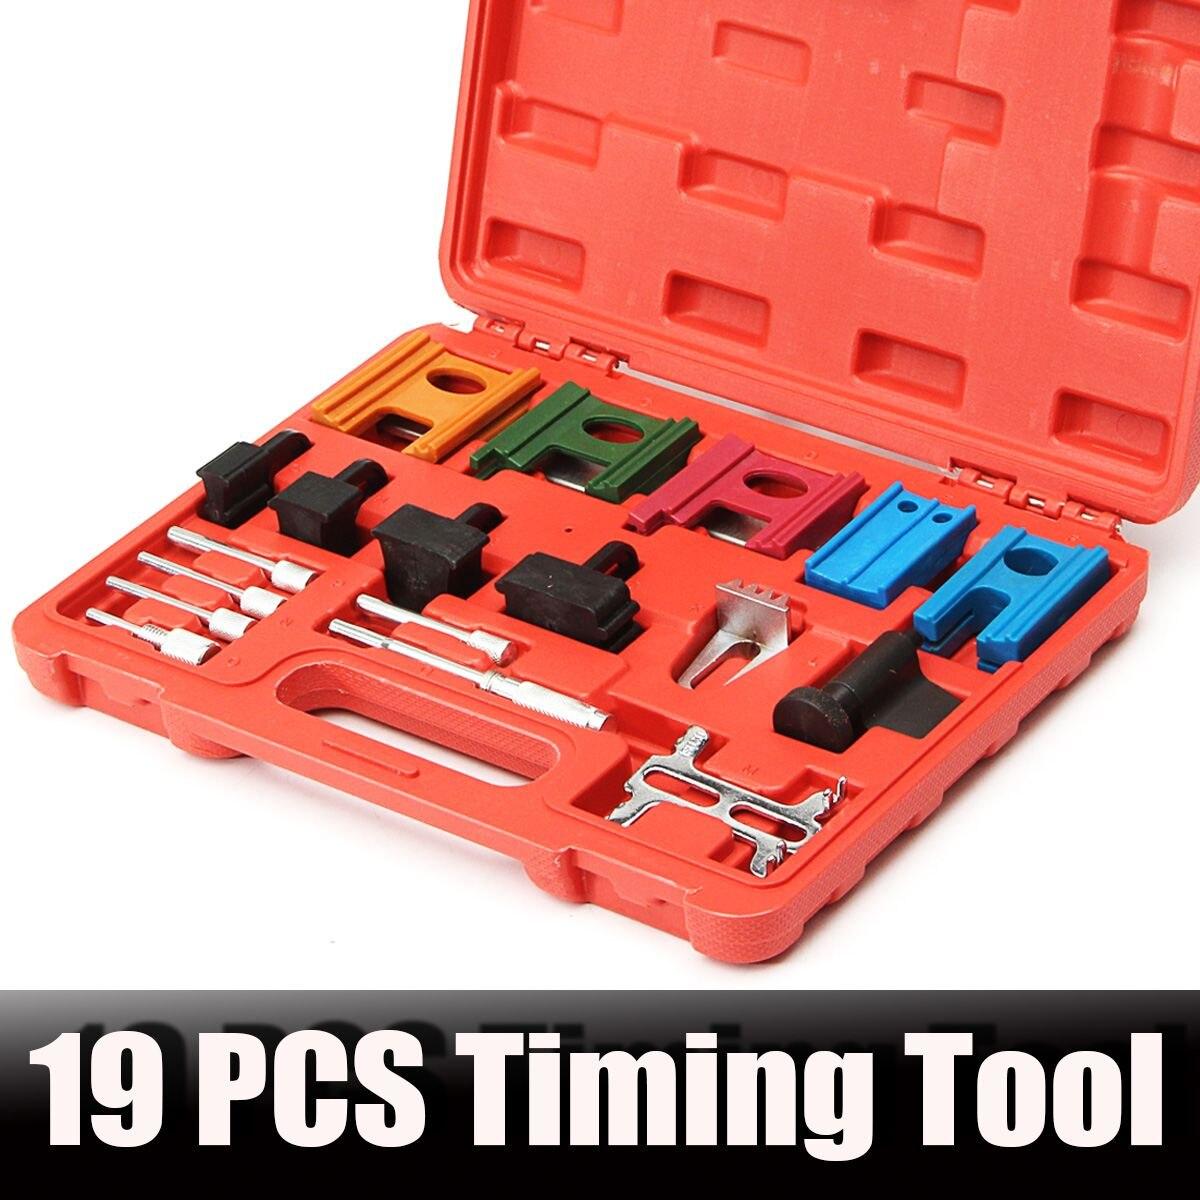 19Pcs Engine Universal Pulley Timing Belt Camshaft Flywheel Locking Tool Set Kit